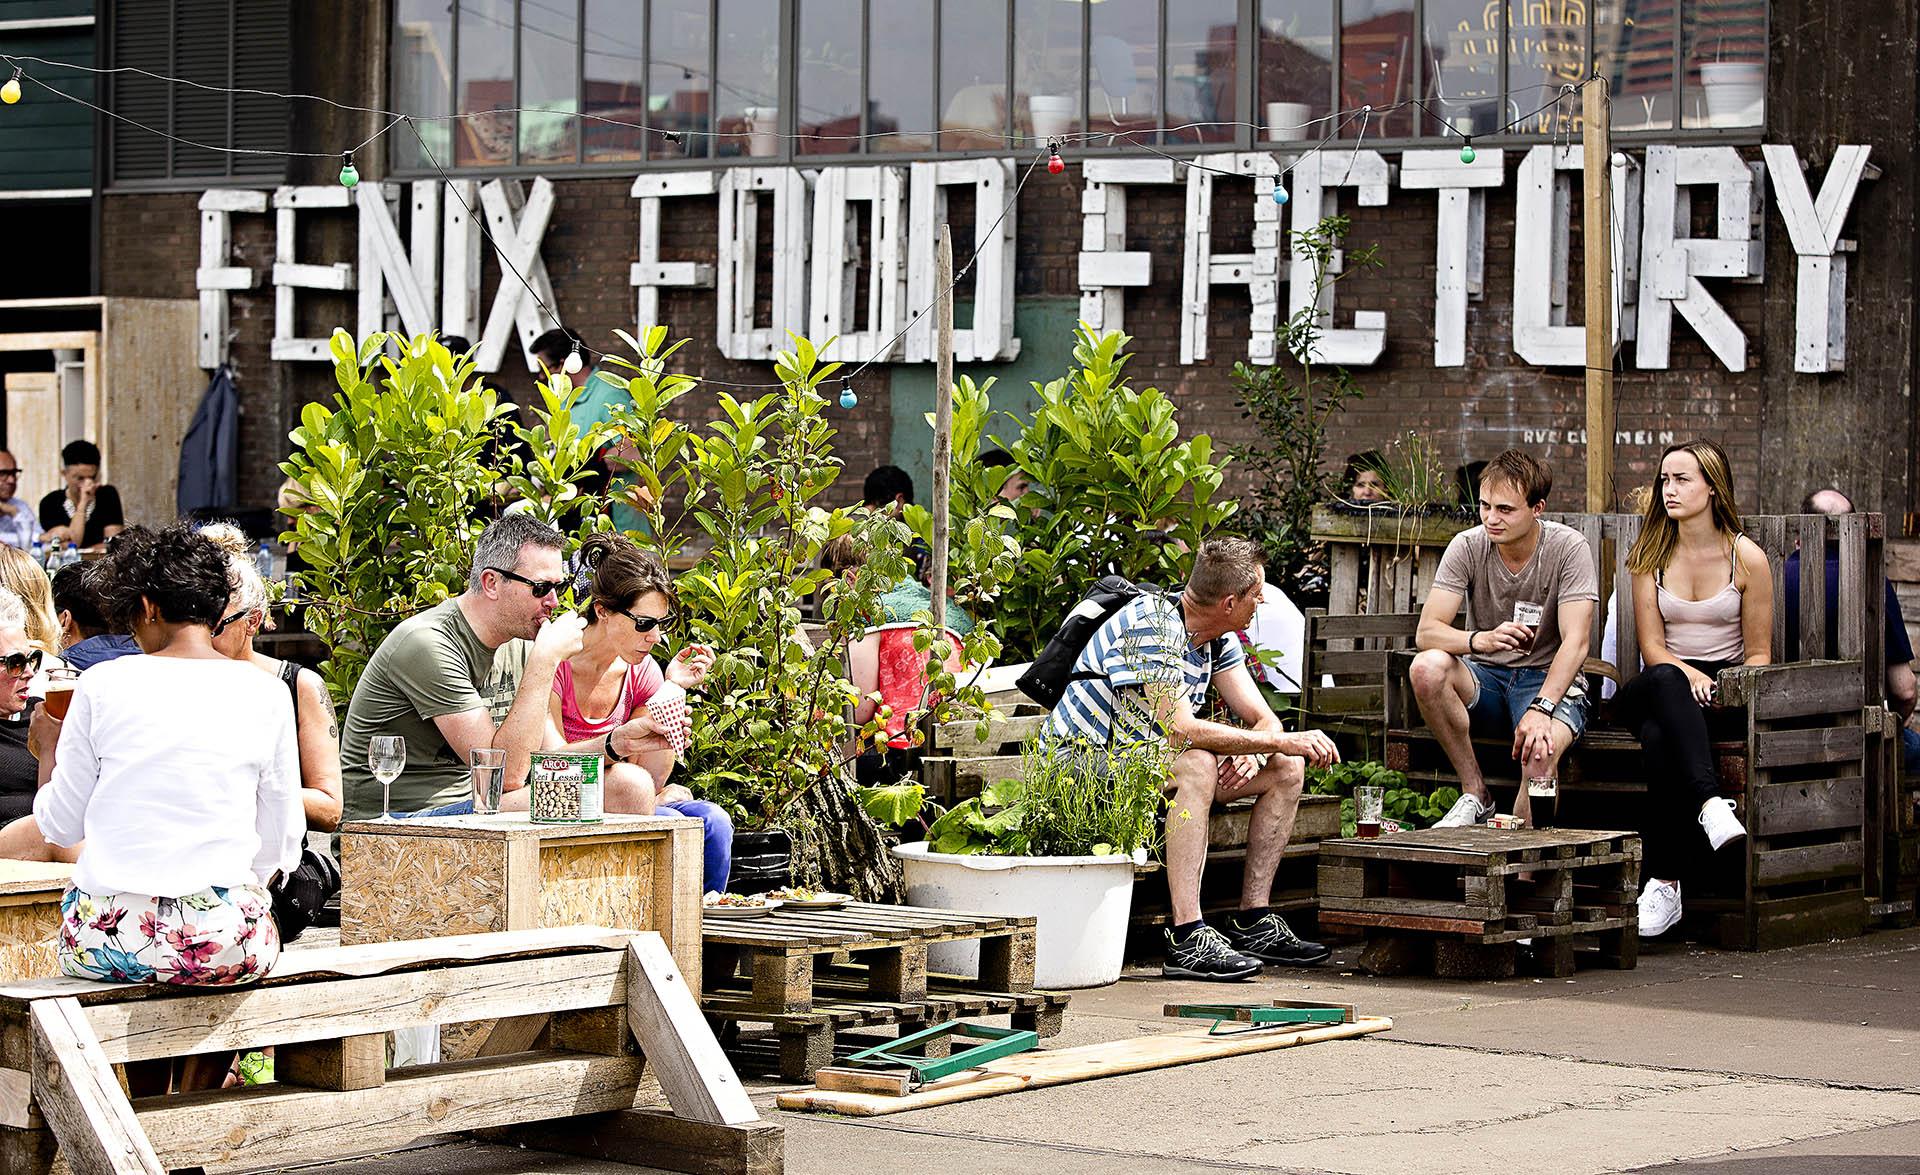 El emergente barrio portuario de Katendrecht destaca por sus restaurantes y locales de ocio ubicados en antiguas embarcaciones, incluida la famosa Fenix Food Factory